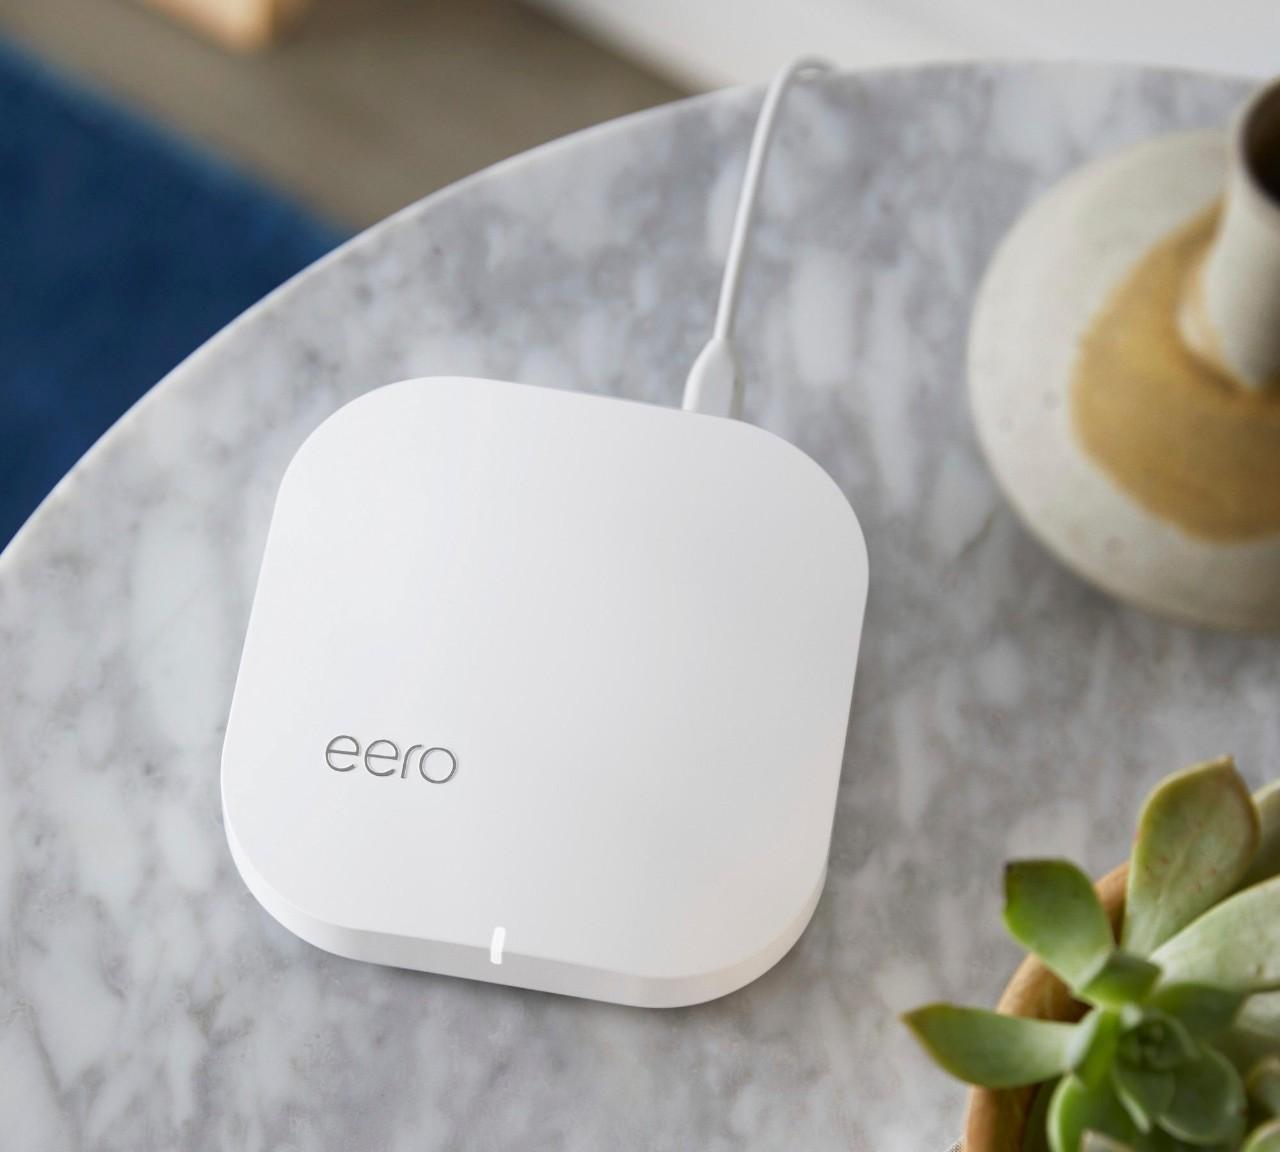 Eero Mesh Wifi System